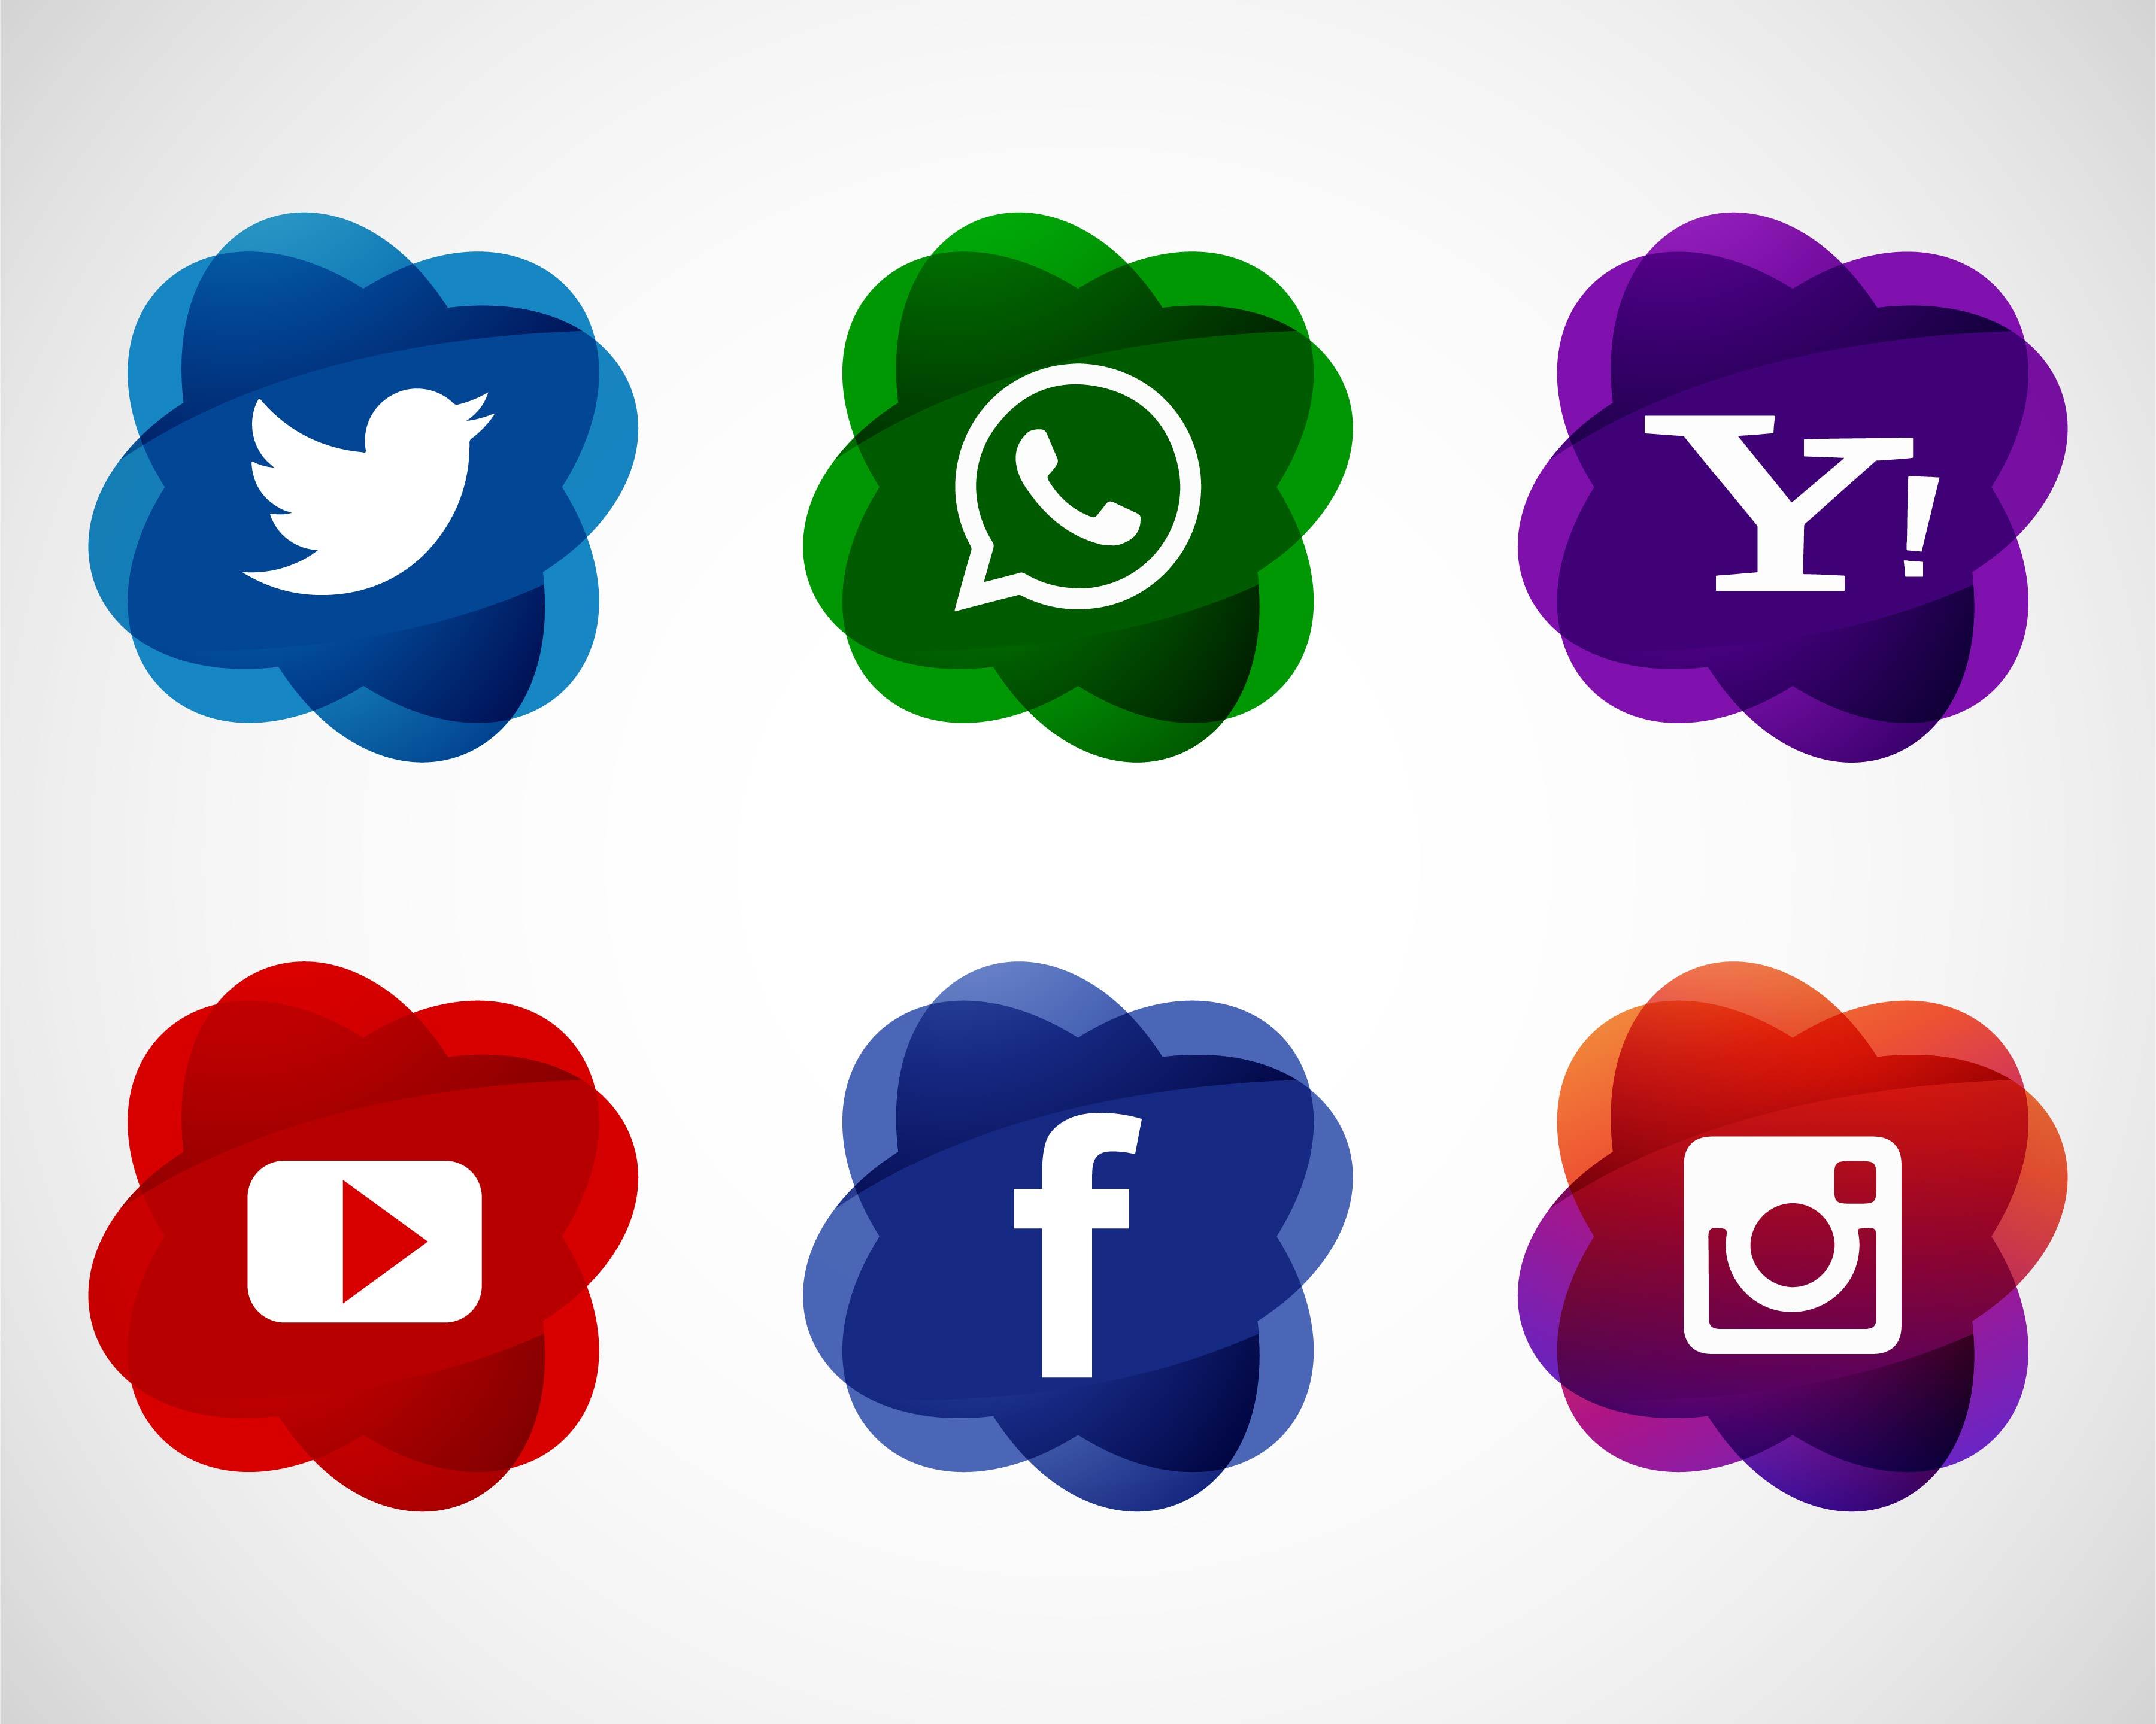 Abstract Elegant Social Media Icons Set Design Download Free Vectors Clipart Graphics